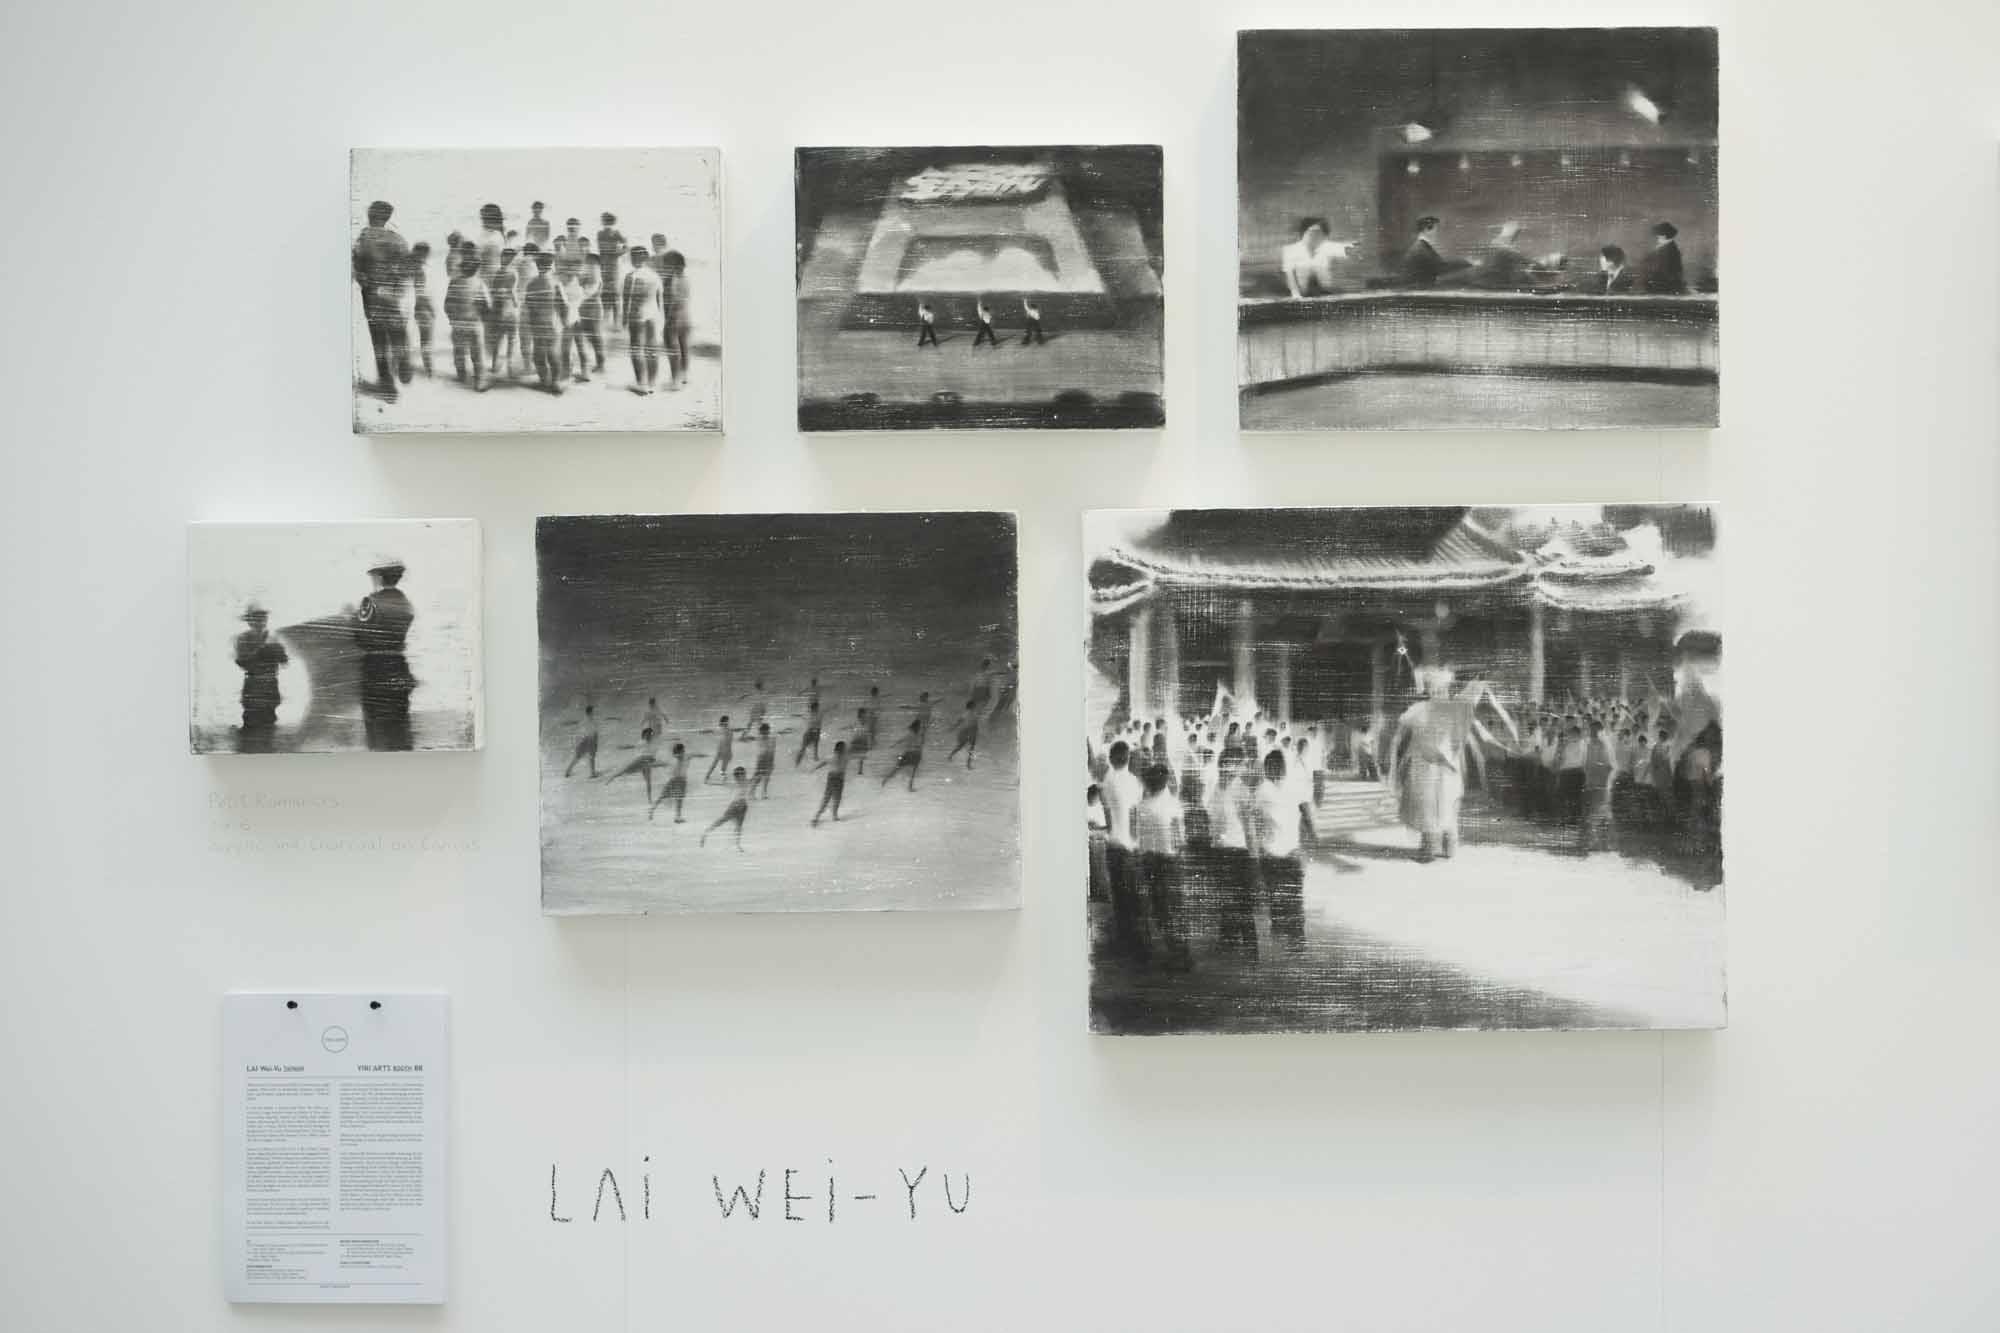 Lay-Wei-Yu